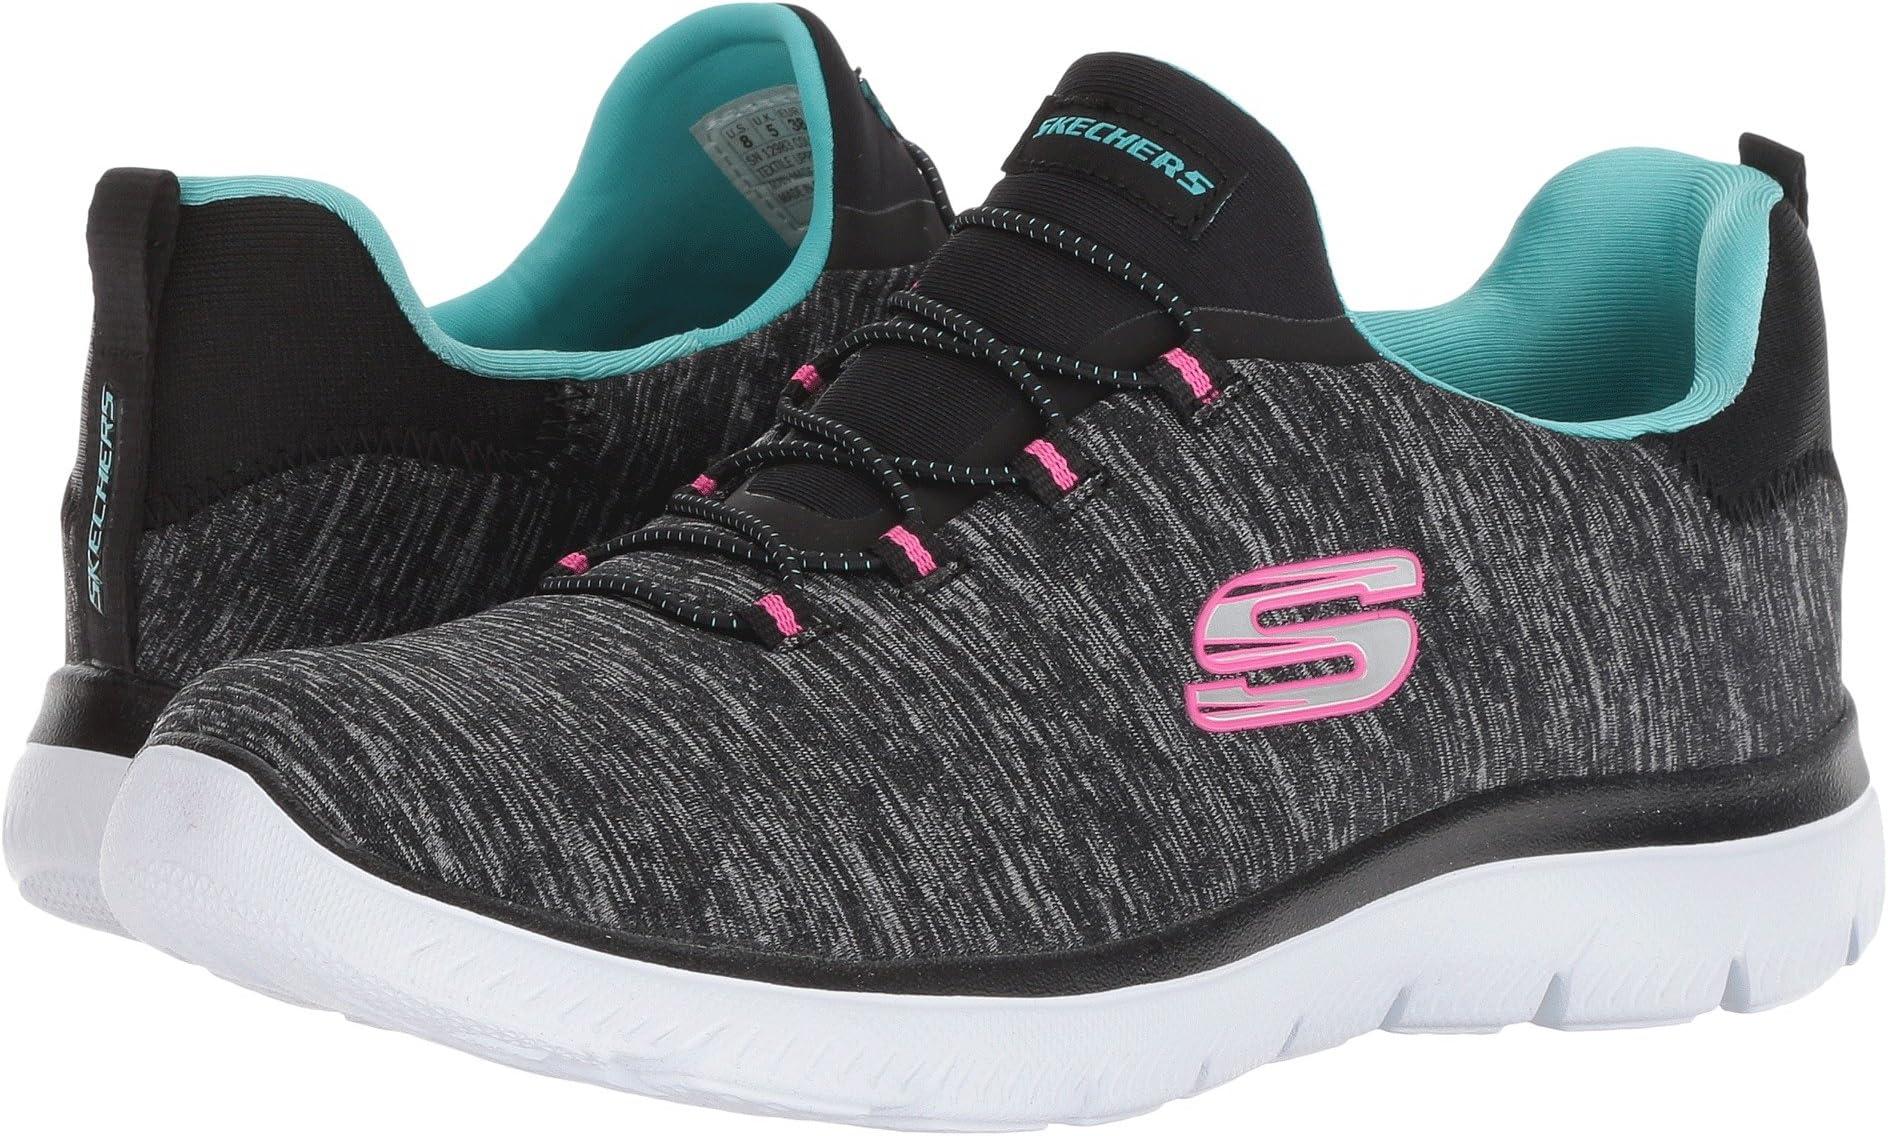 Skechers Shoes, Sandals | Zappos.com